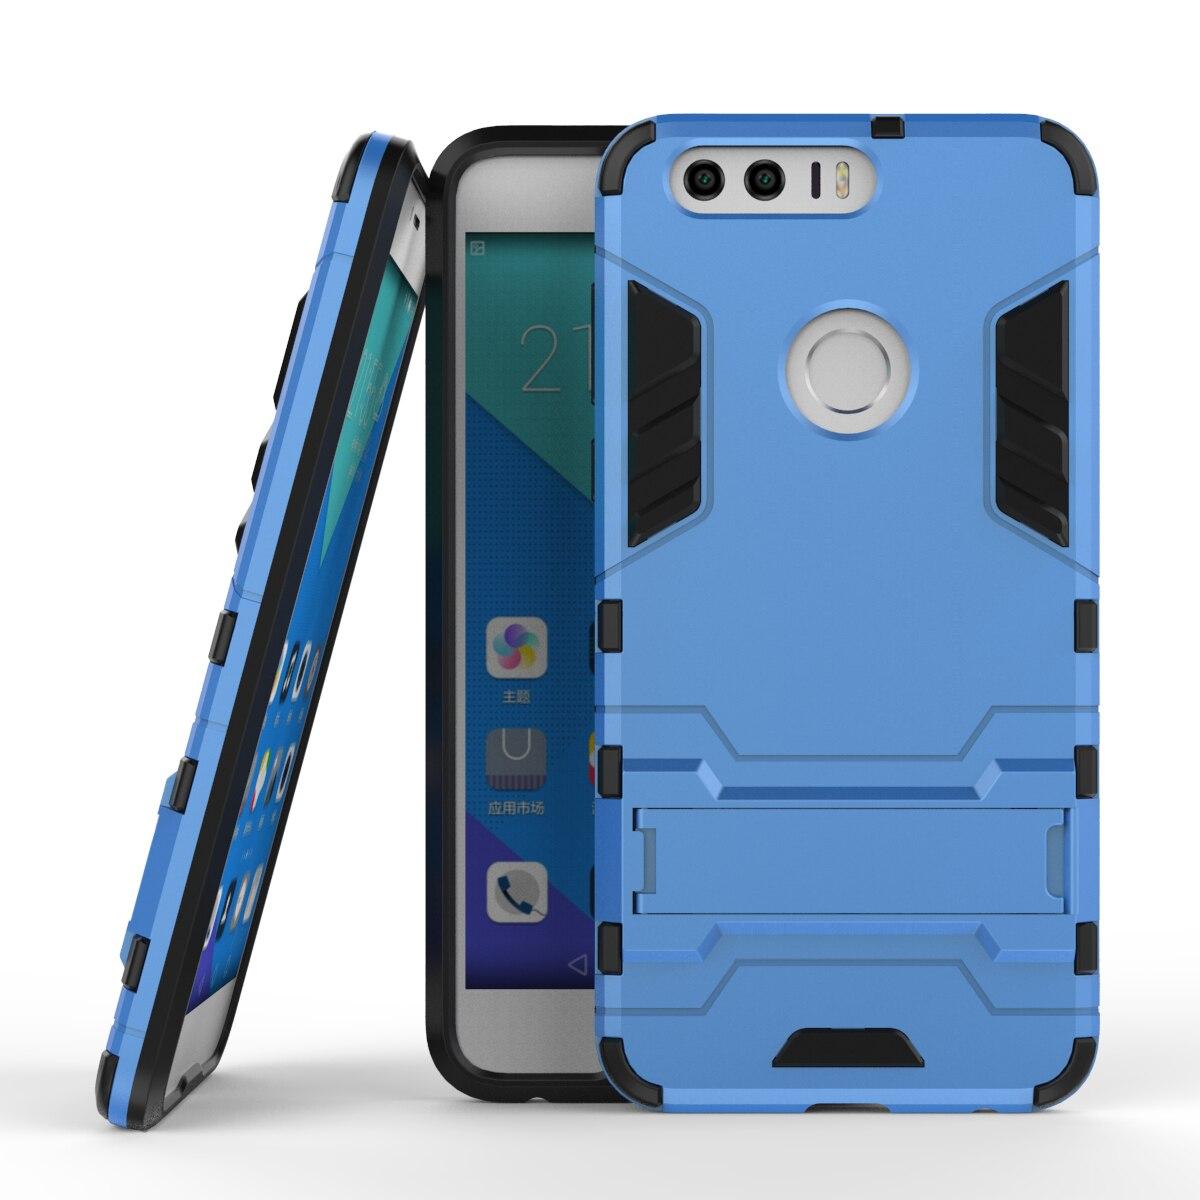 Per Huawei Honor 8 Caso Heavy Duty Armatura Caso Ibrido Duro robusta Gomma di Silicone Copertura Del Telefono Per Huawei Honor 8 5.2 pollice (